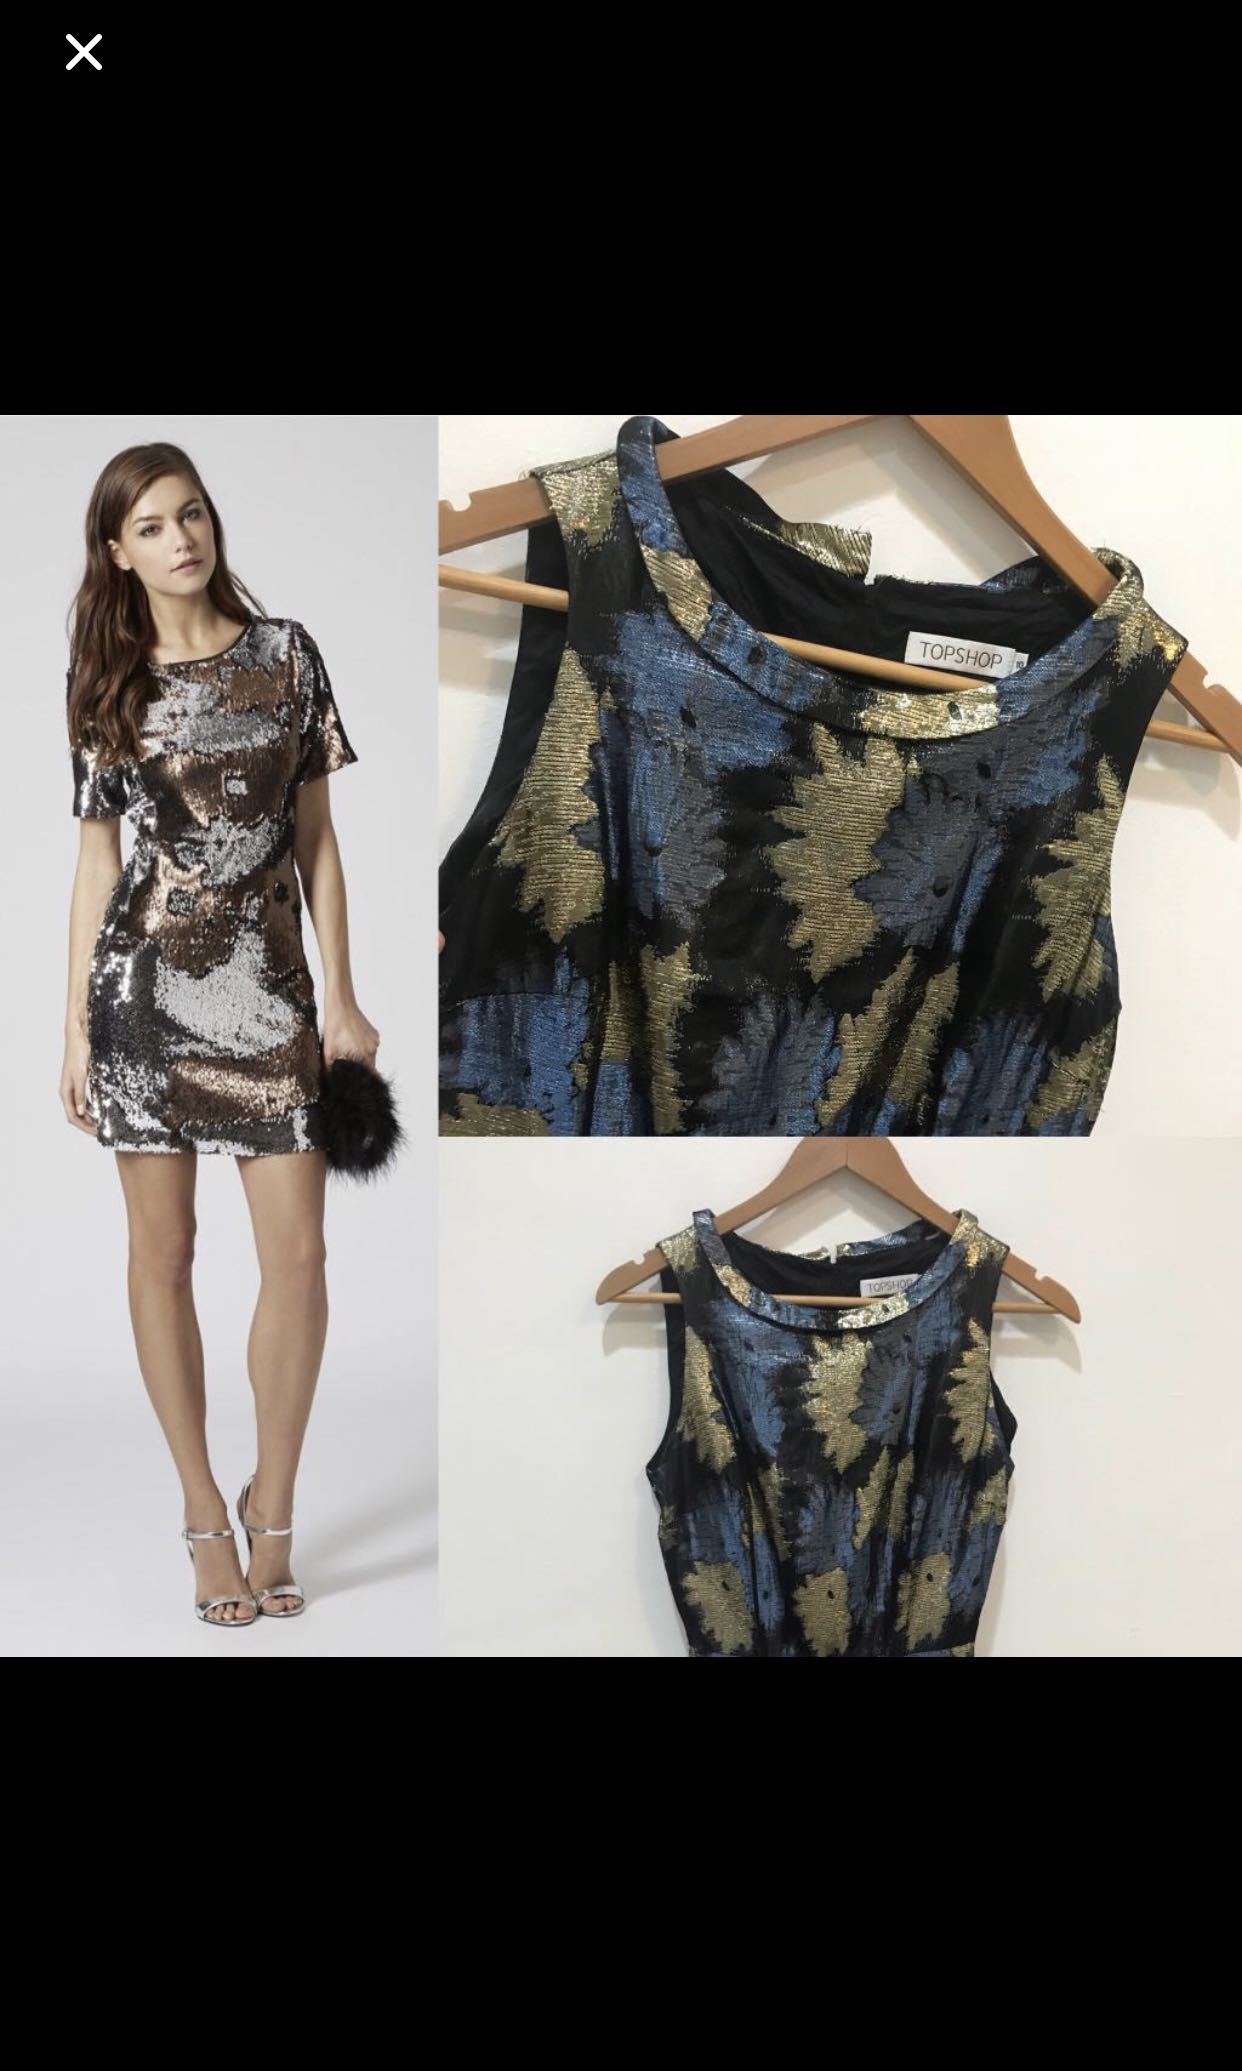 Topshop Sequin Dress